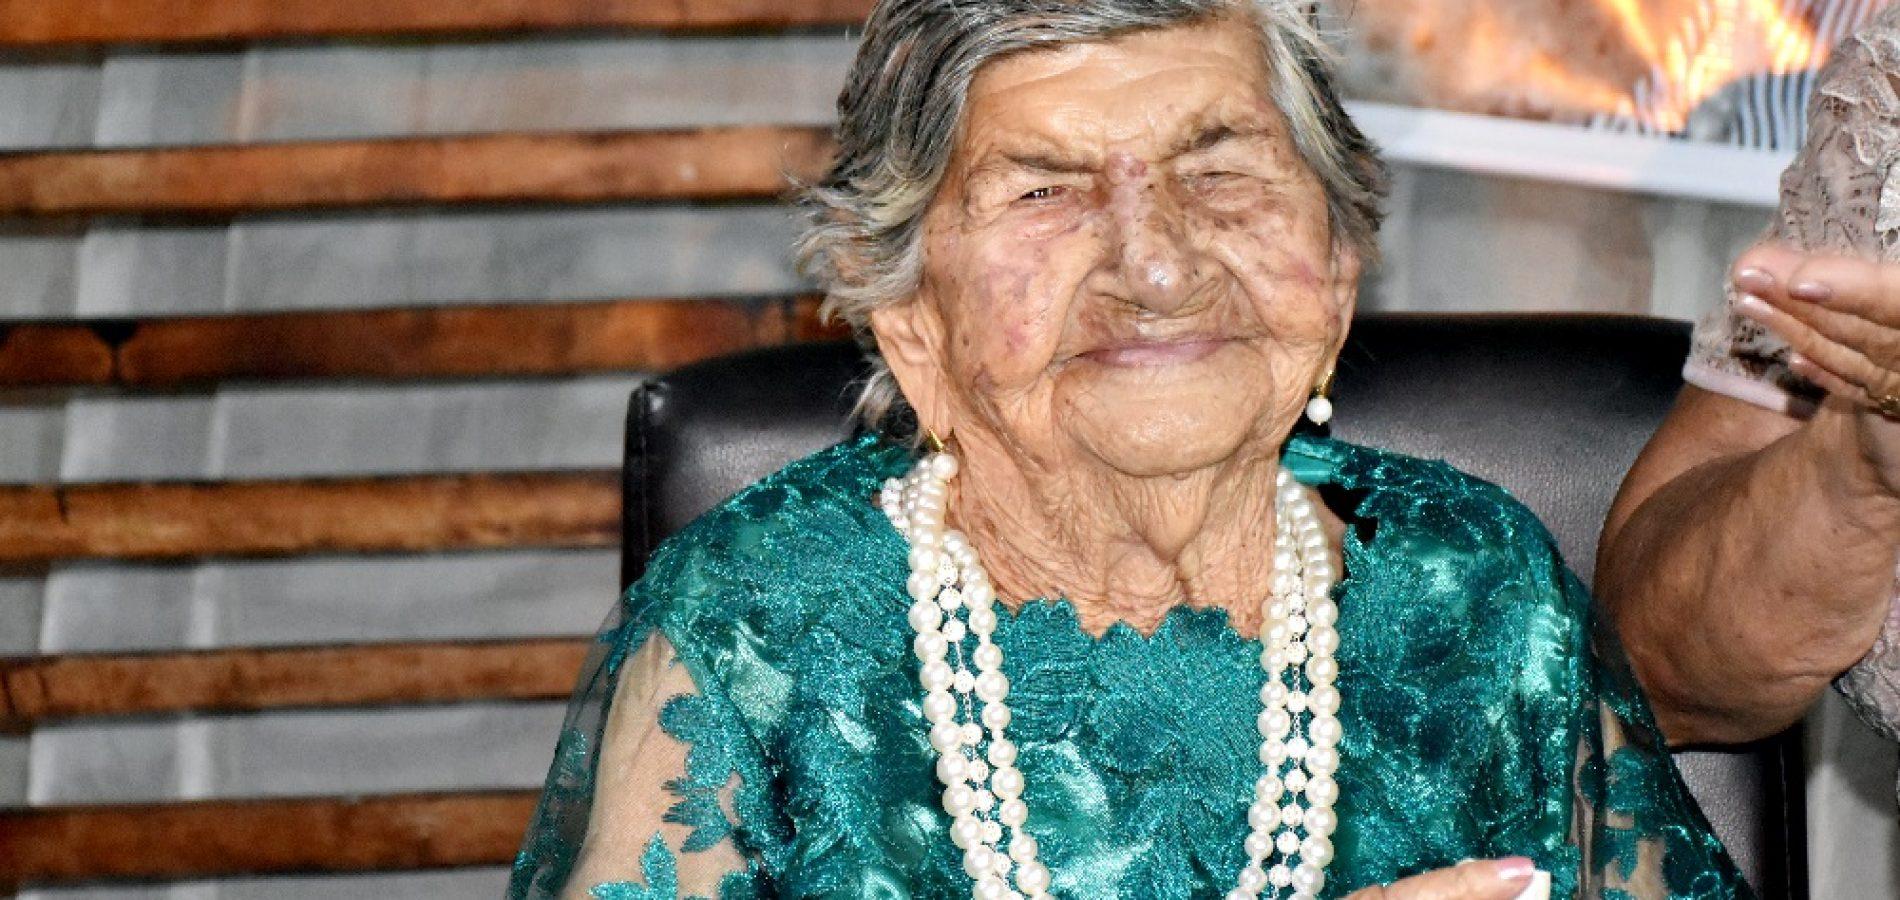 Morre em Alegrete do Piauí, Dona Alencar, aos 101 anos; prefeito emite nota de pesar e decreta luto oficial